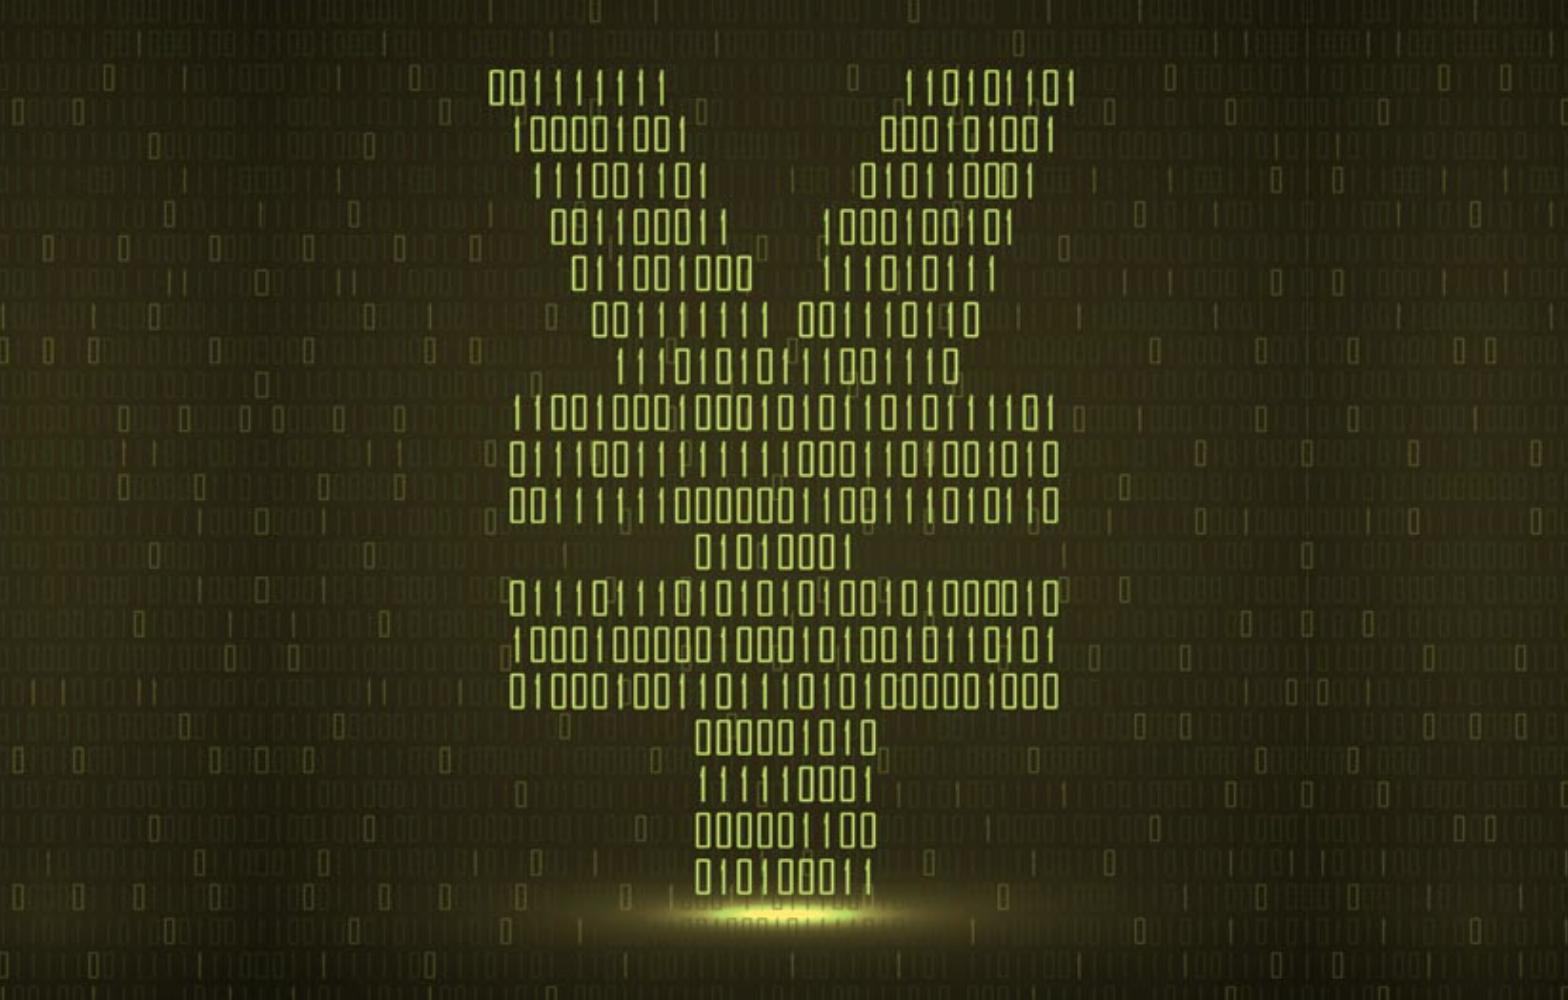 cin kendi dijital parası cbdc projesine hiz veriyor kopya